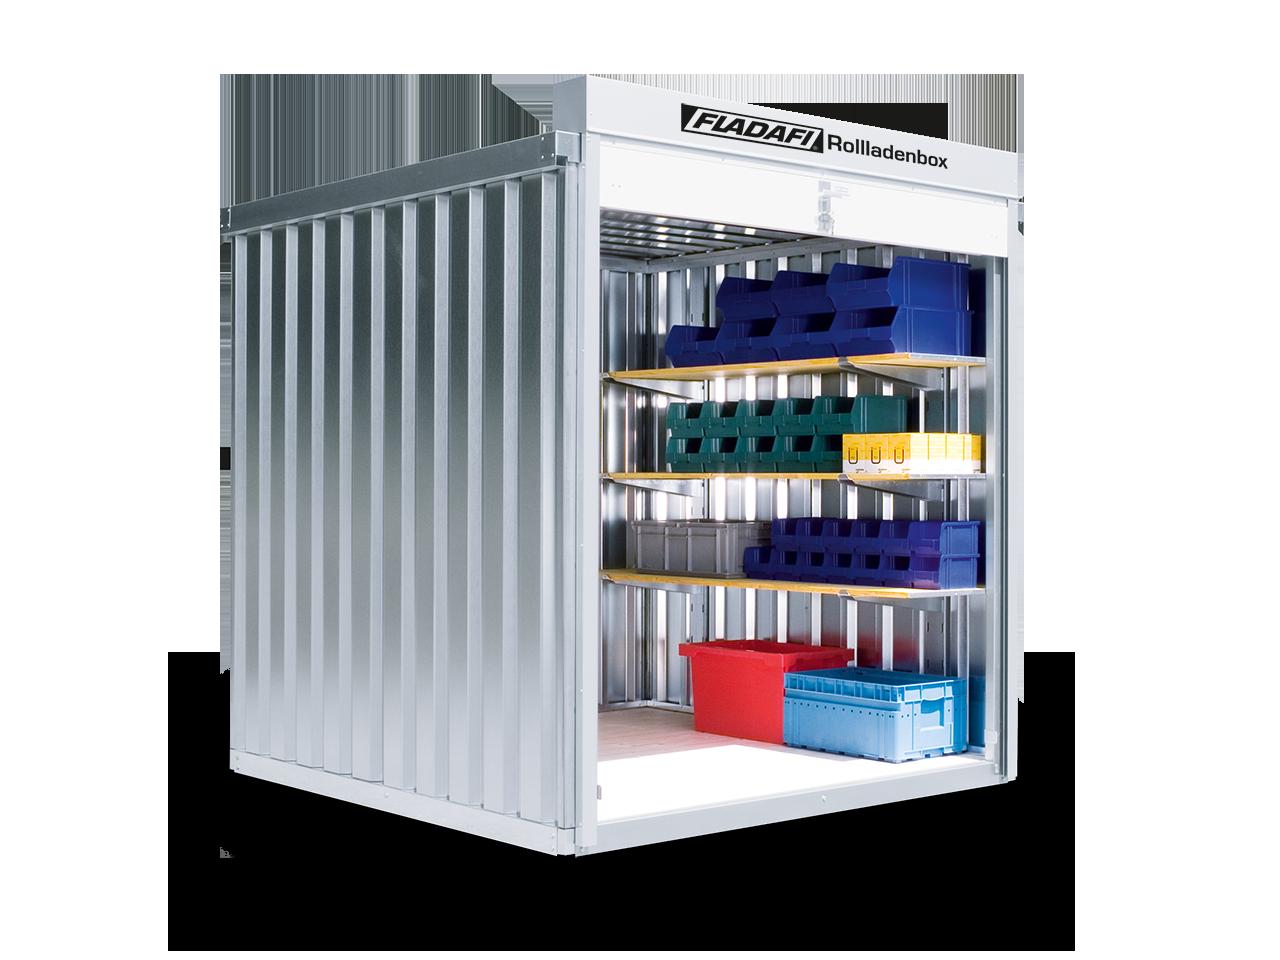 9512_FLADAFI-Rollladenbox-1200_RB1200_RGB_014_ft_sn_sl.png